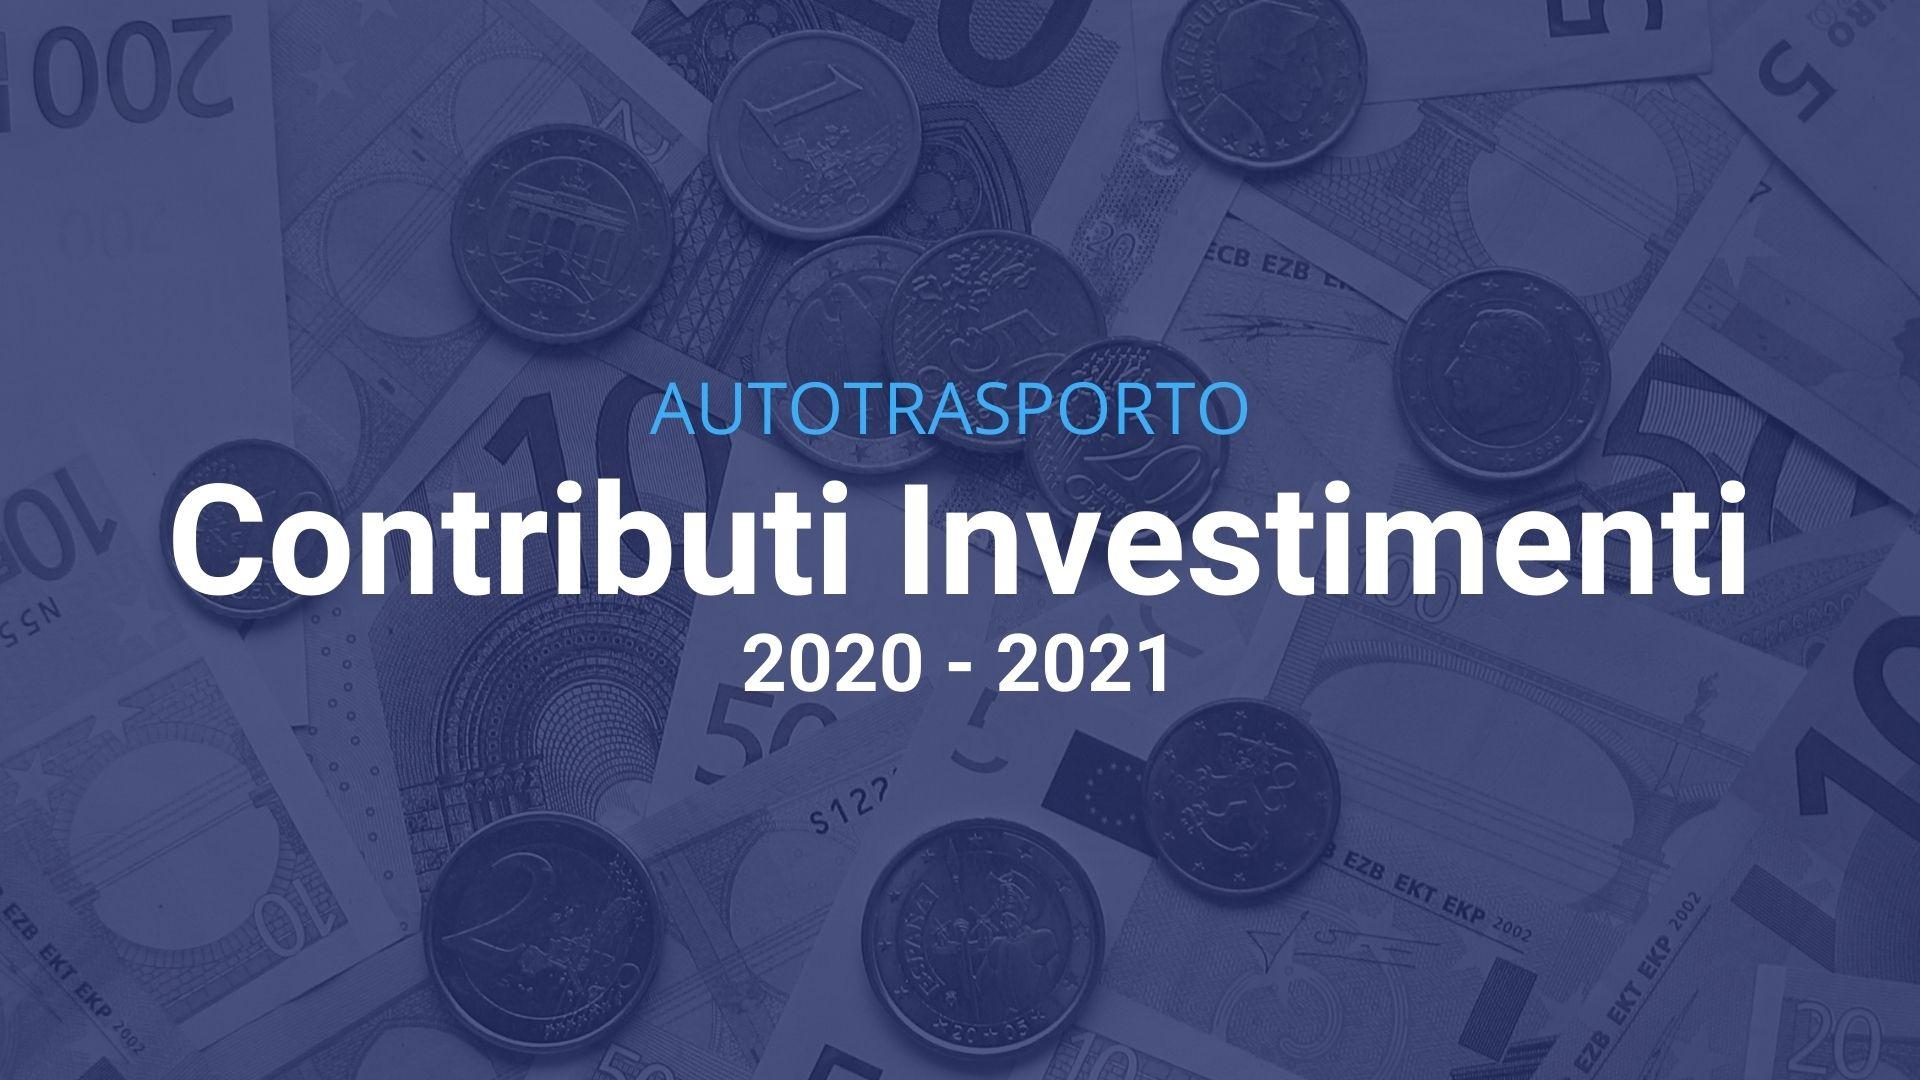 Contributi investimenti autotrasporto 4 v4